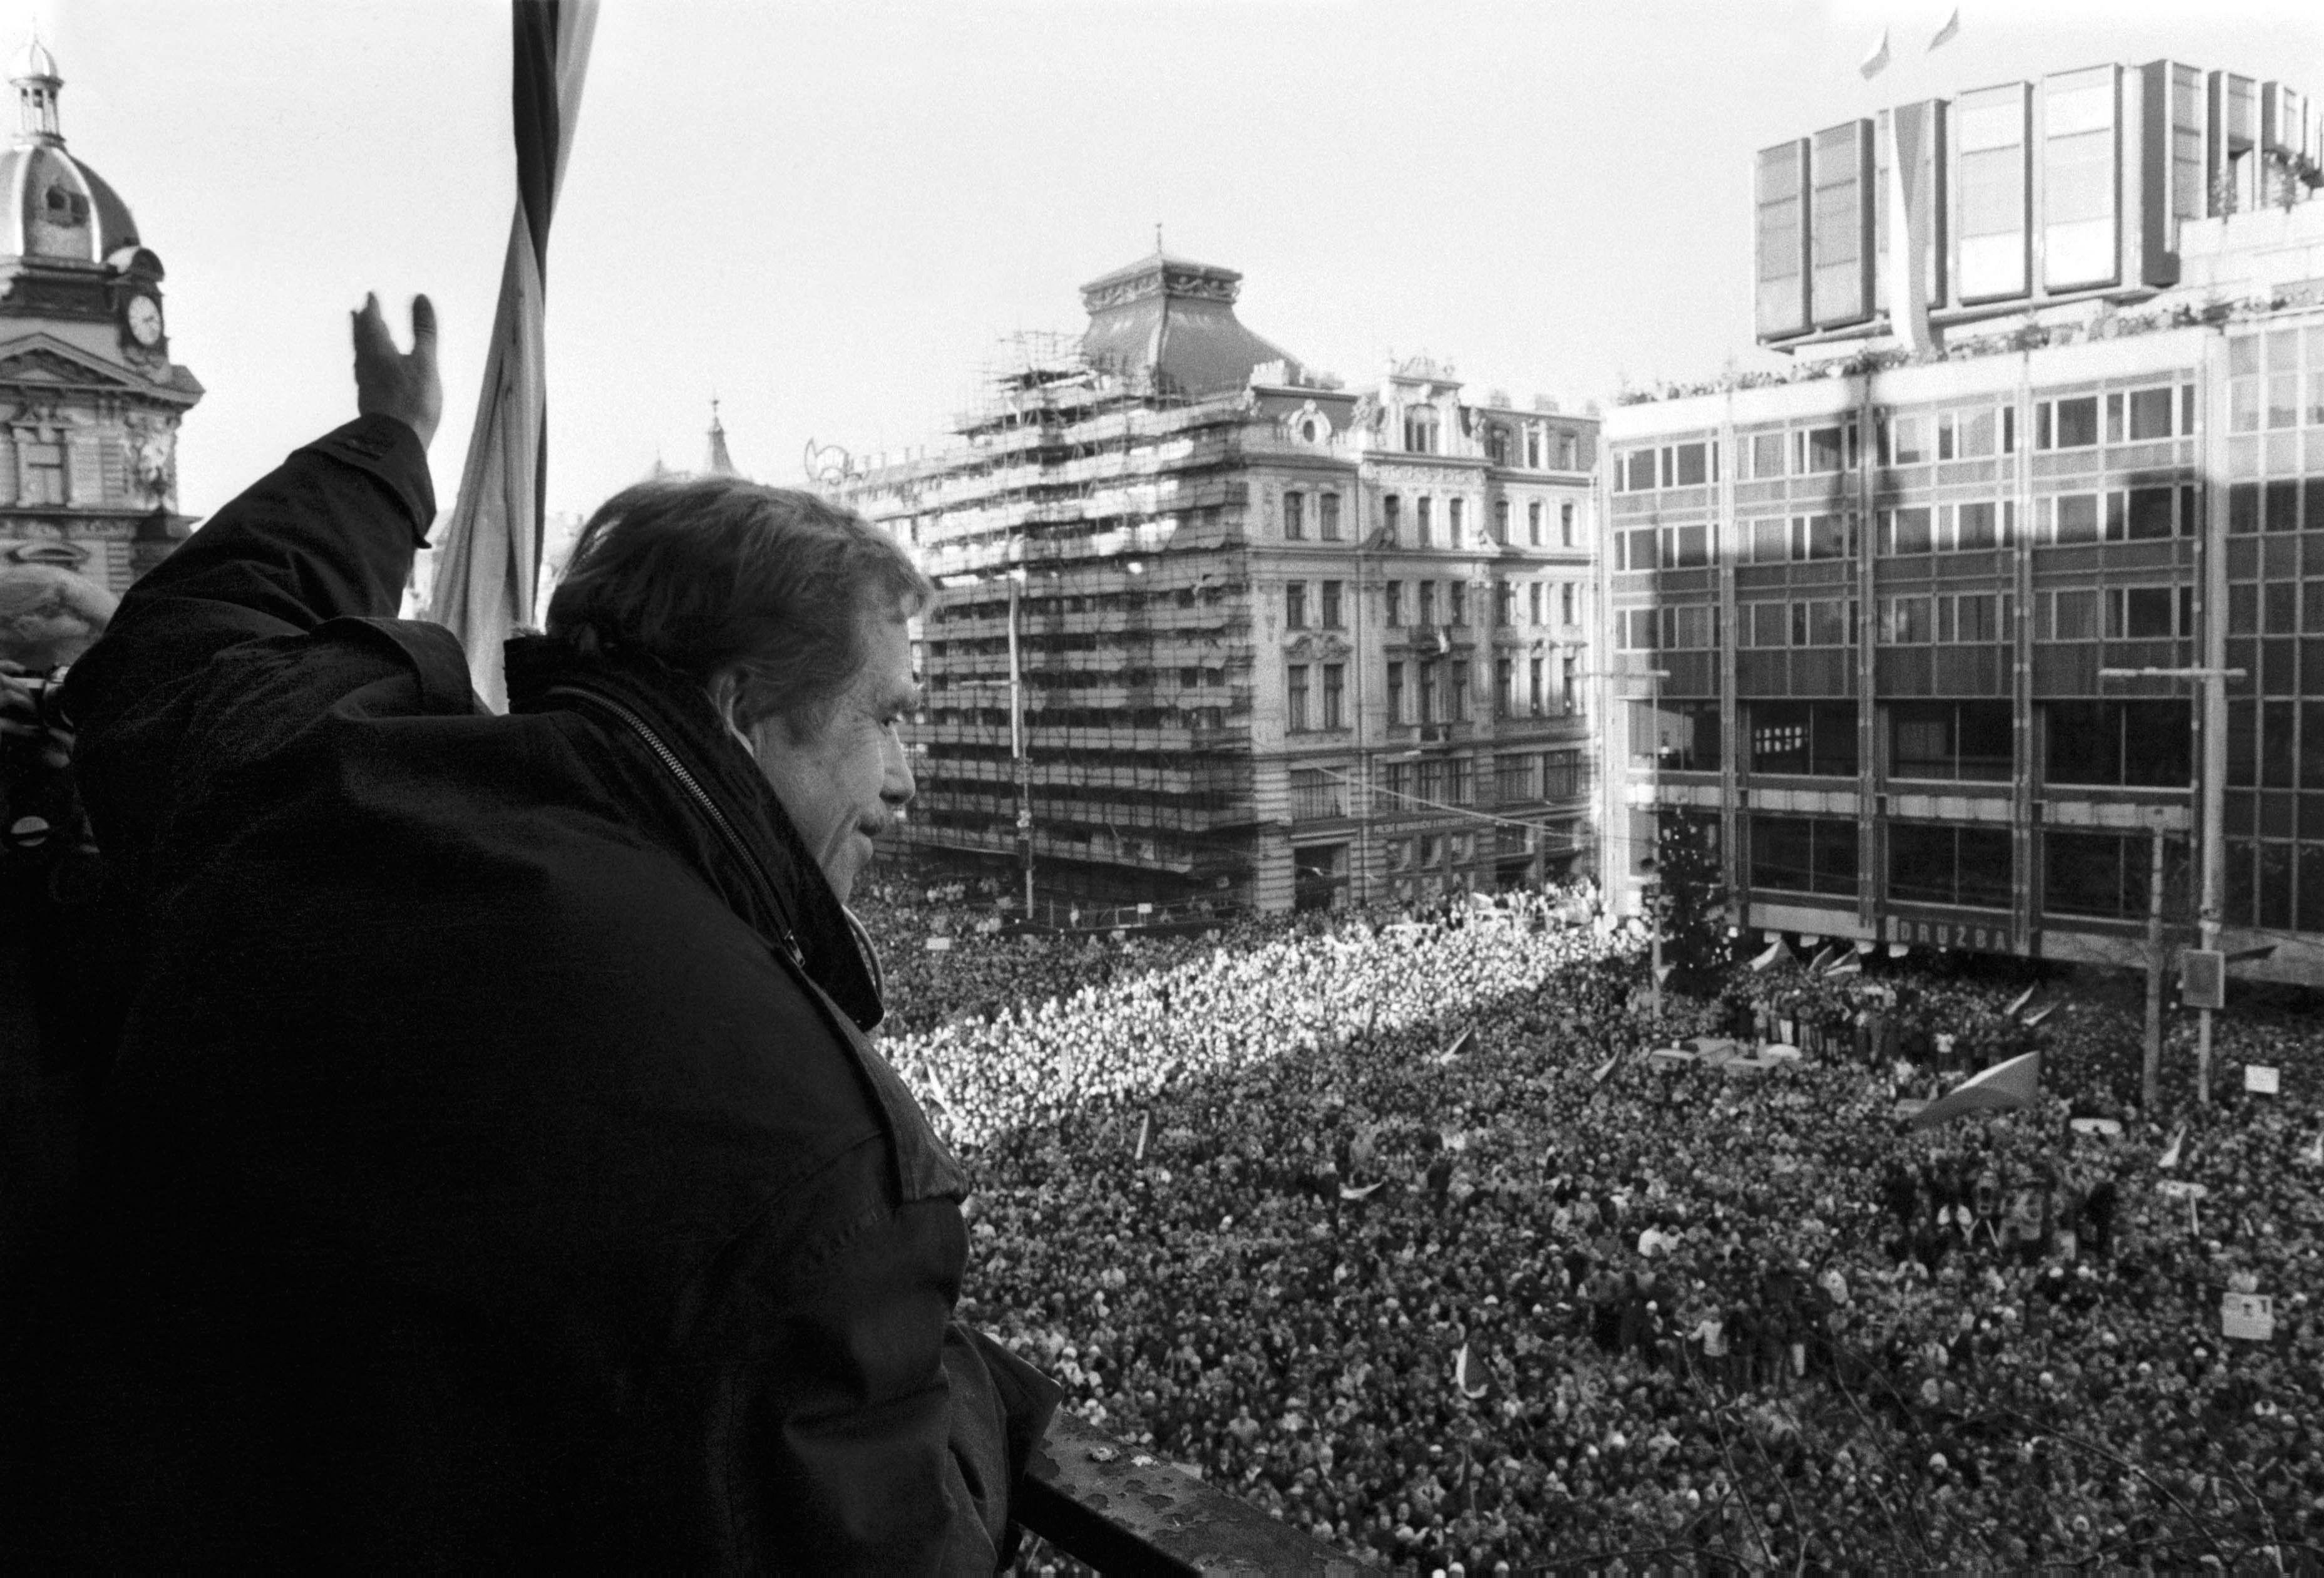 Komentář: Nobelovy ceny jako laciná fraška. Nebo Havel jen dost nepřikuloval?